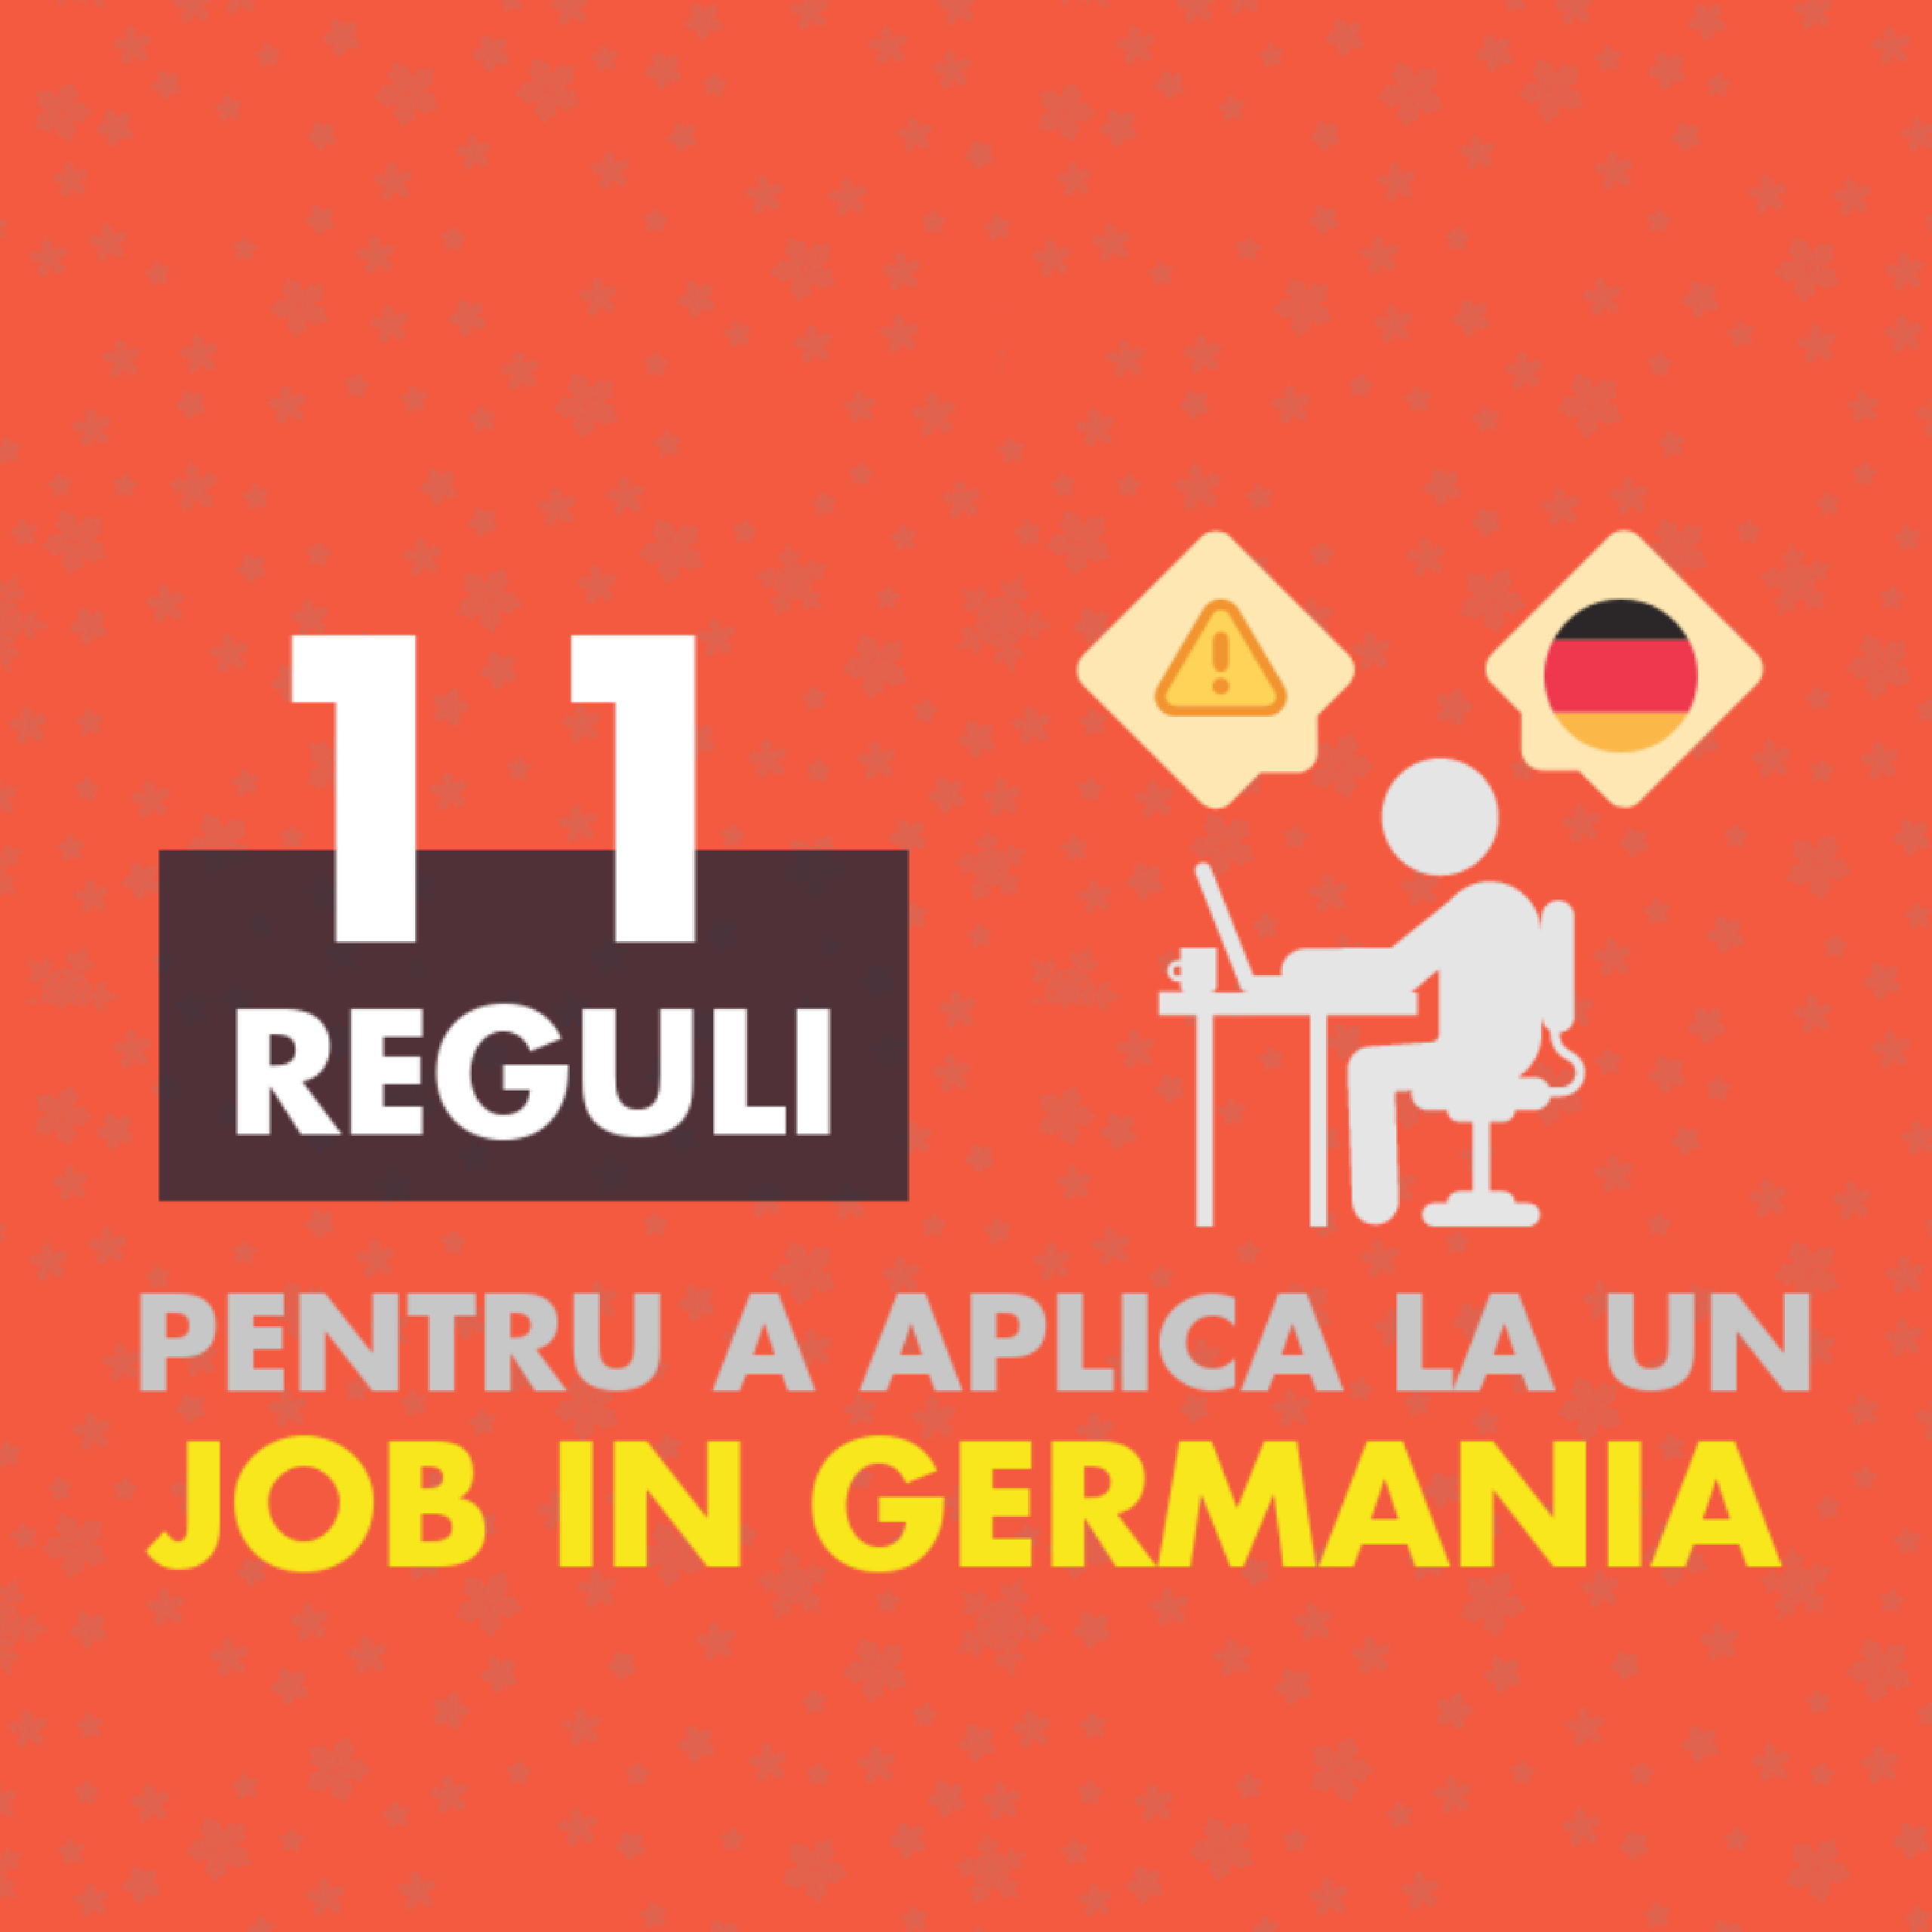 aplica la locuri de munca in germania